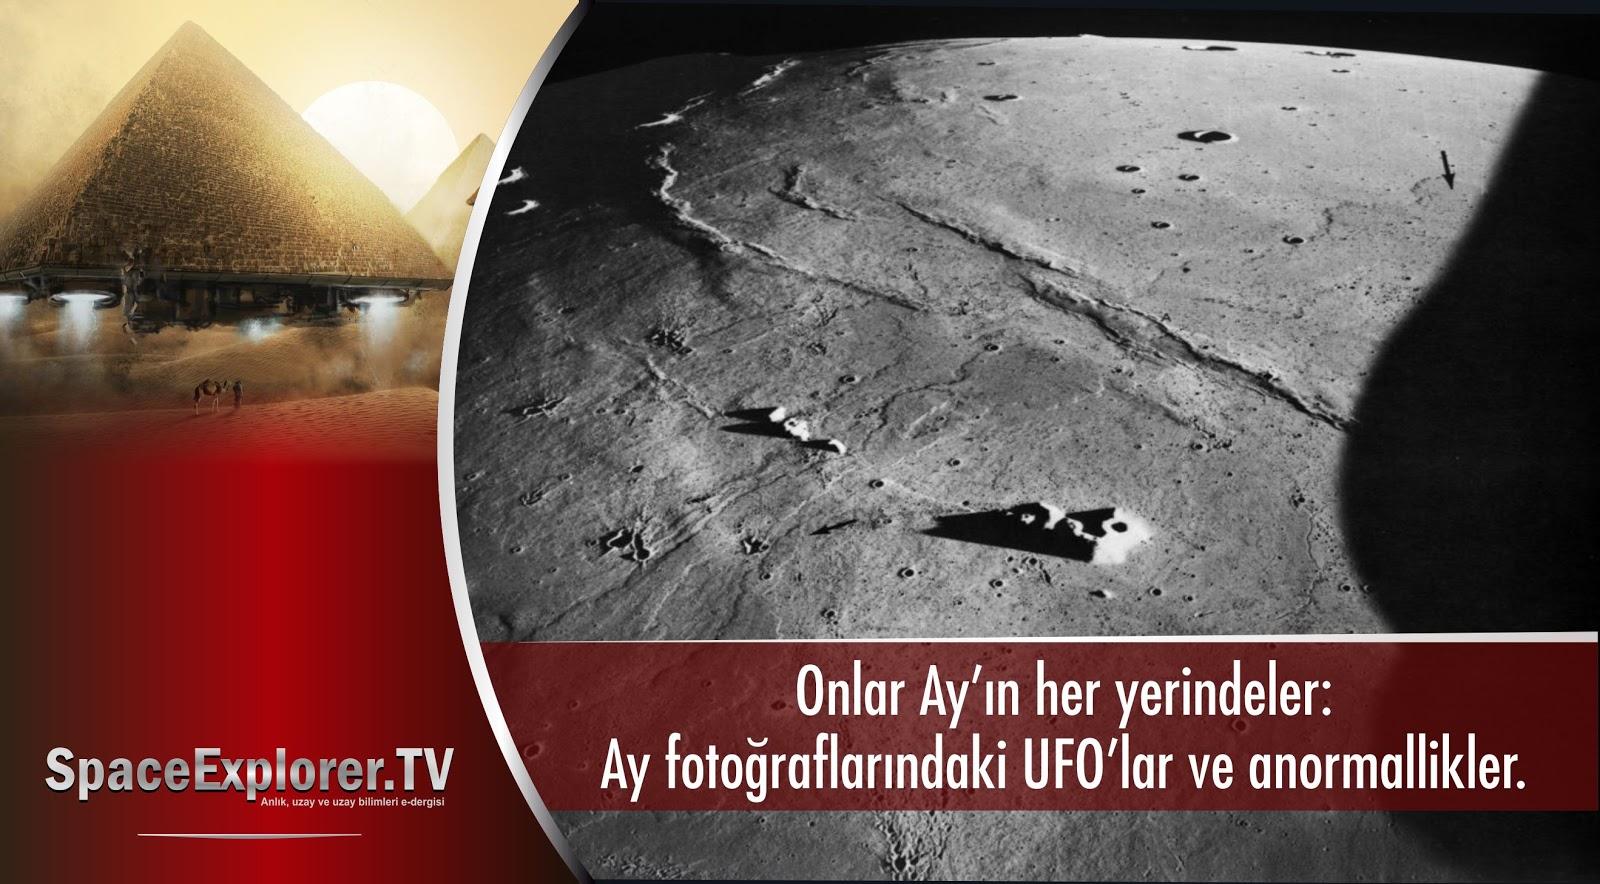 Videolar, Ay, UFO, UFO'lar gerçek mi?, Apollo 18, Apollo görevleri, NASA neden gizliyor, Ay'a bir daha neden gitmediler, Ay'da üs, Ay'daki gizli üsler,